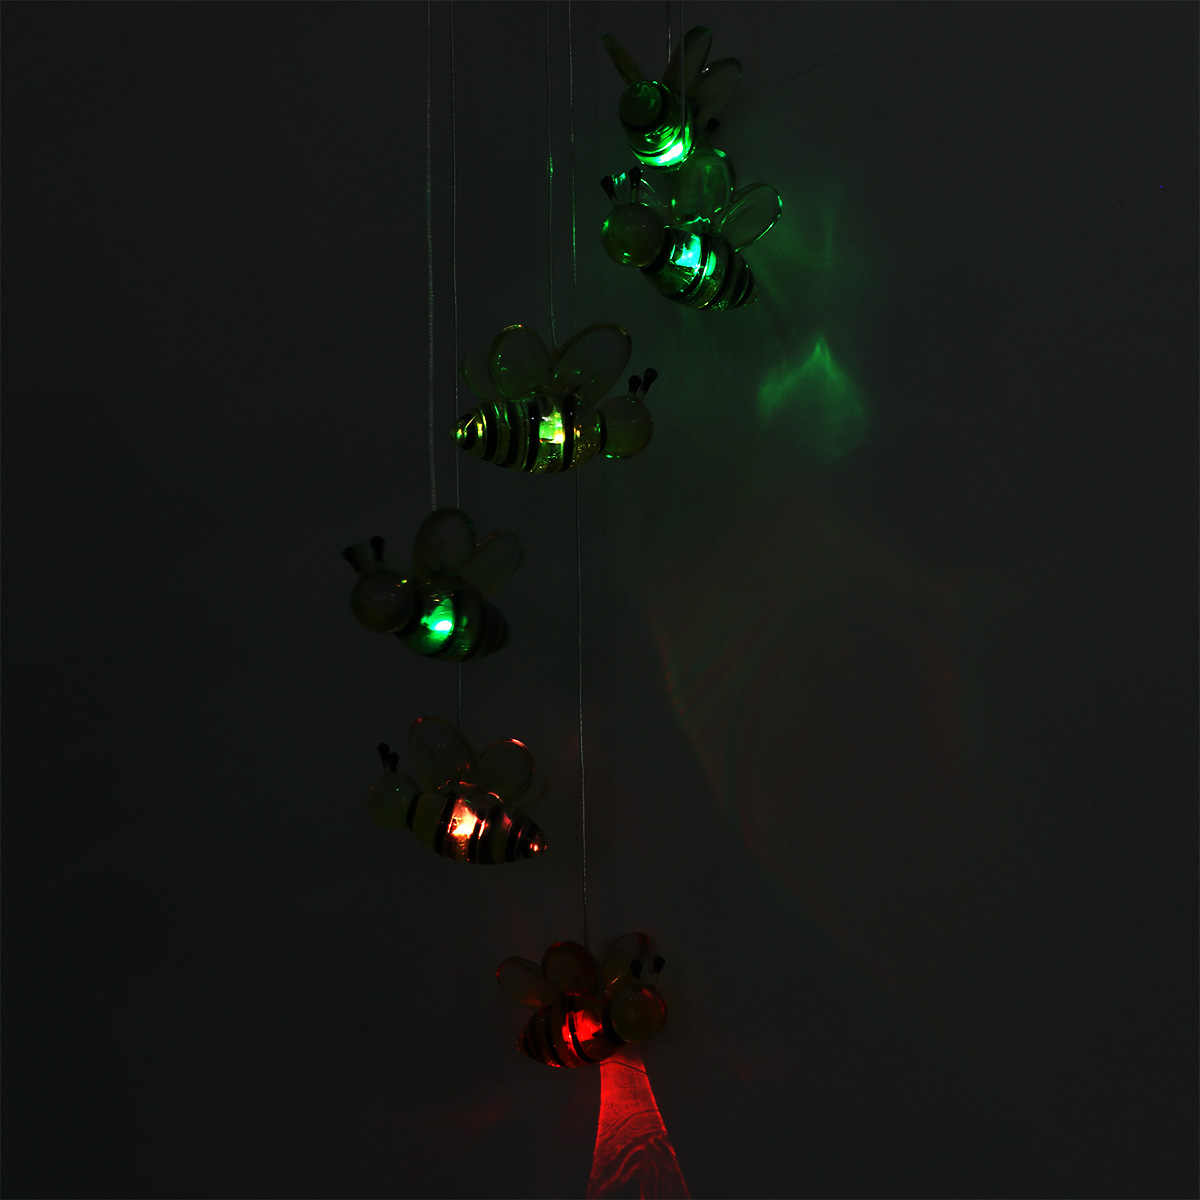 WINOMO светодиодный солнечный колокольчик пчелы Цвет Изменение мобильный ветряной светильник с музыкой для дома сада спальни офиса балкона Вечерние